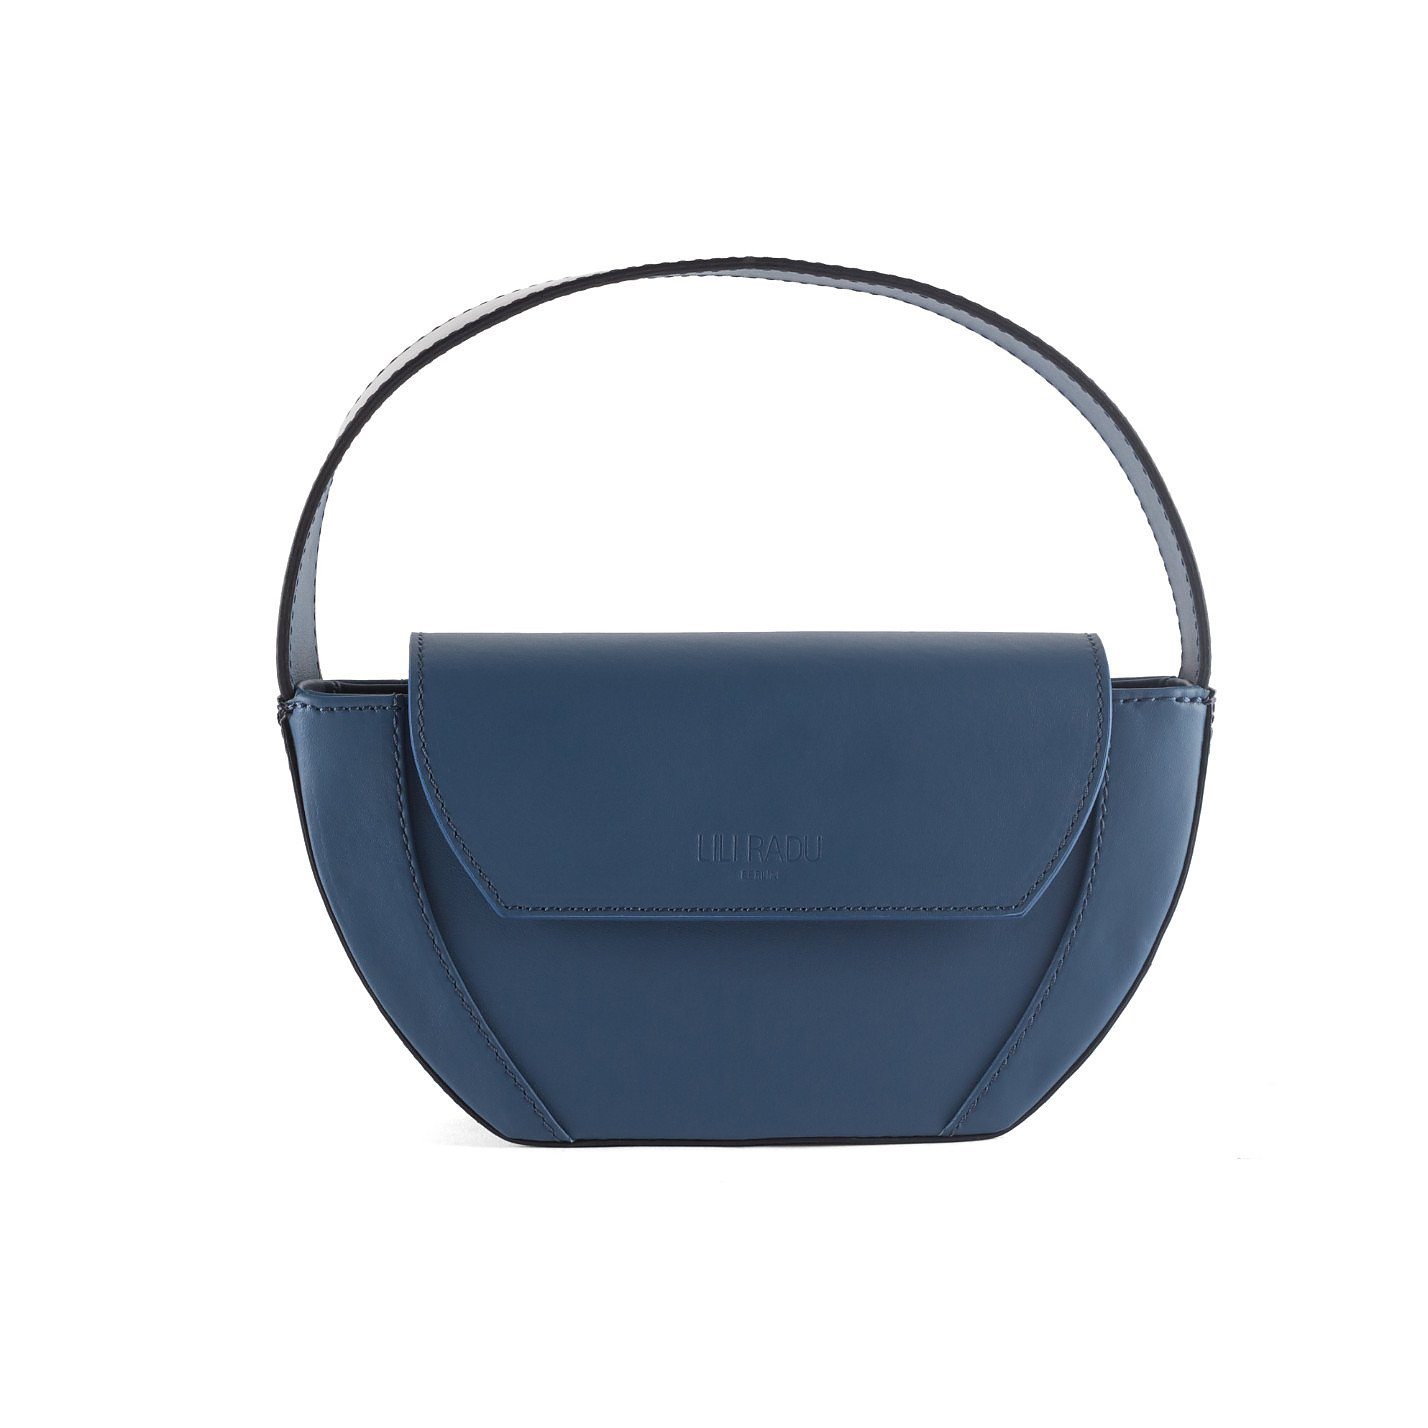 Lili Radu Mini Ellipse Bag